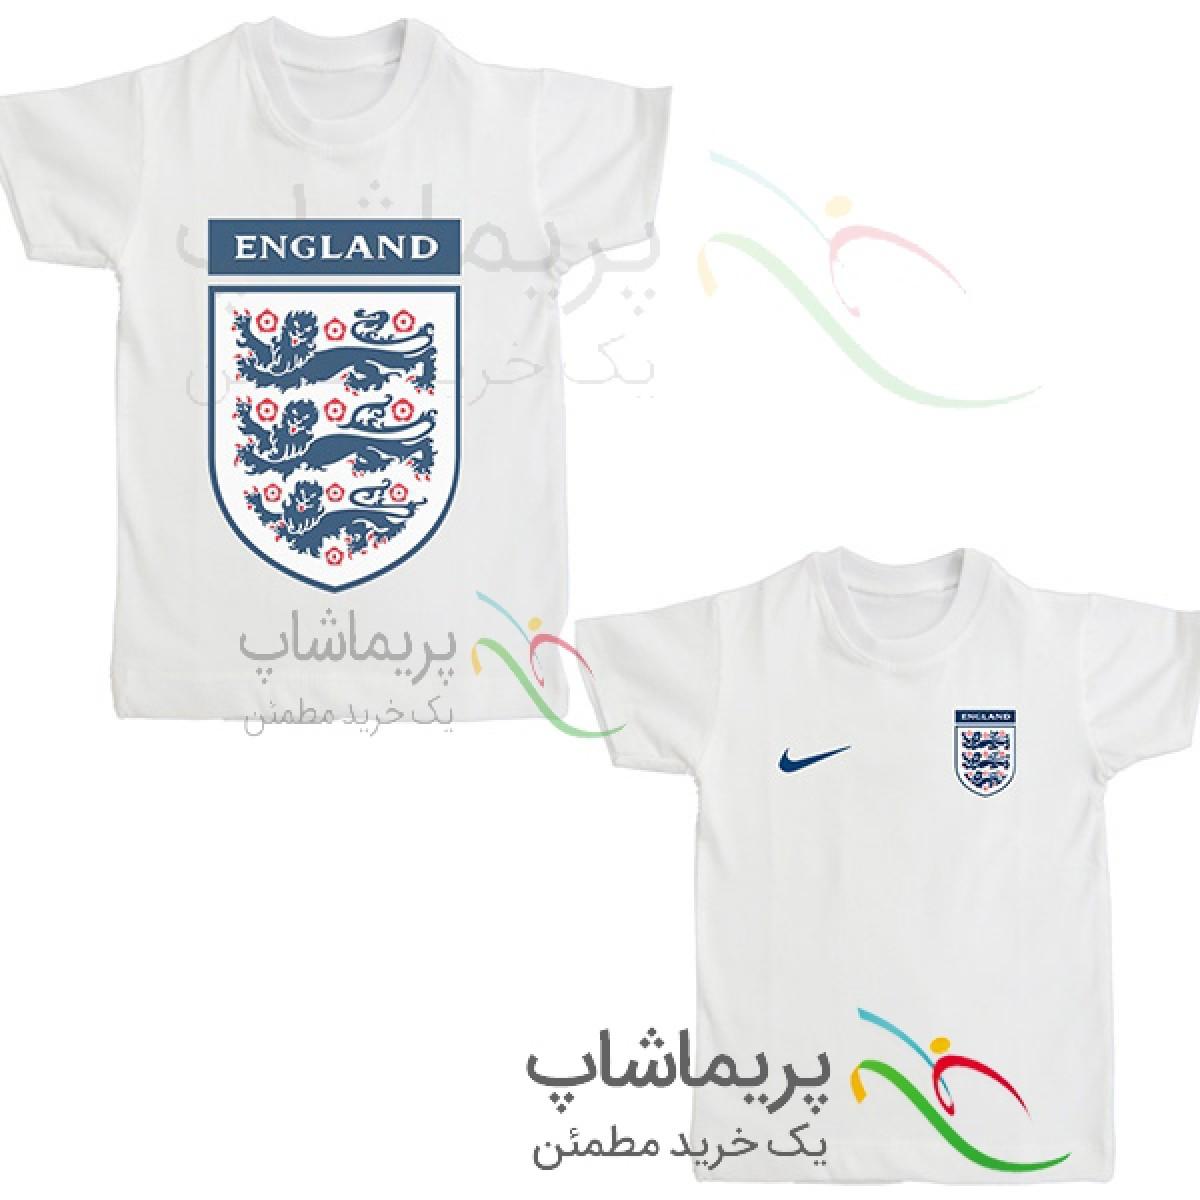 لباس هواداری انگلیس بچه گانه